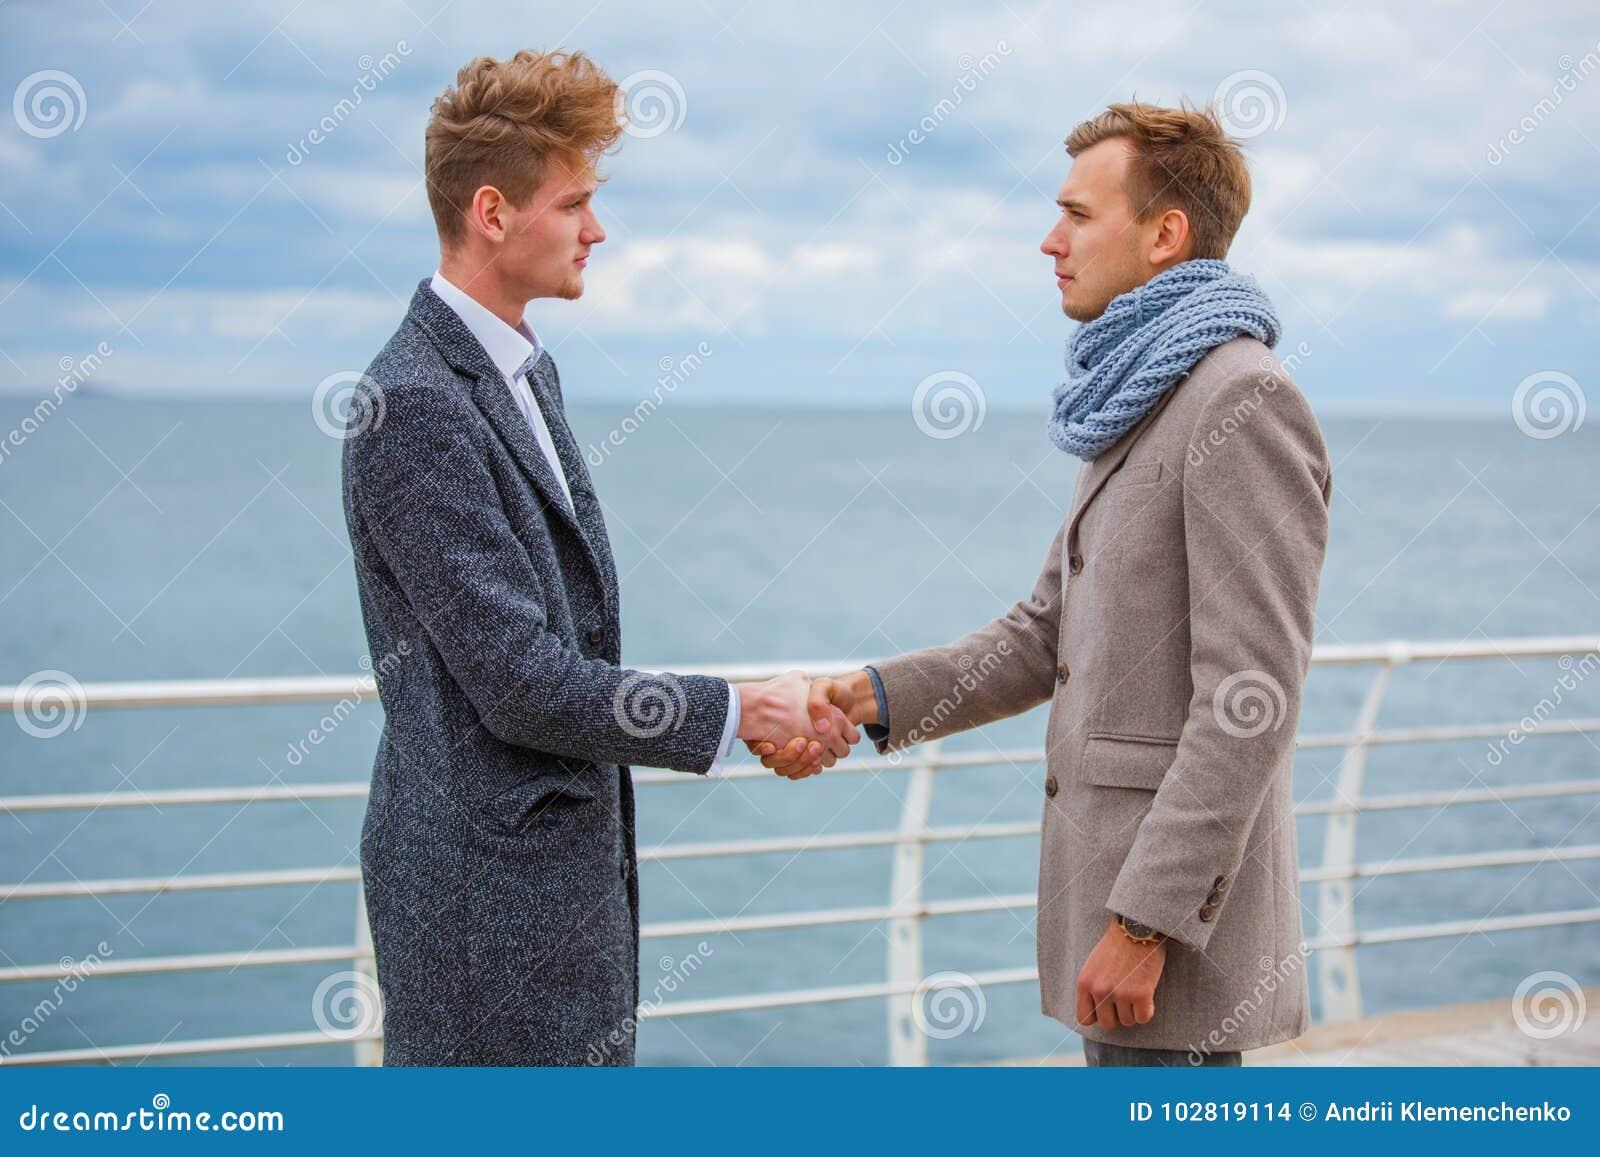 b0dadc901 Dos Hombres Jovenes Que Sacuden Las Manos Al Aire Libre Cerca Del ...